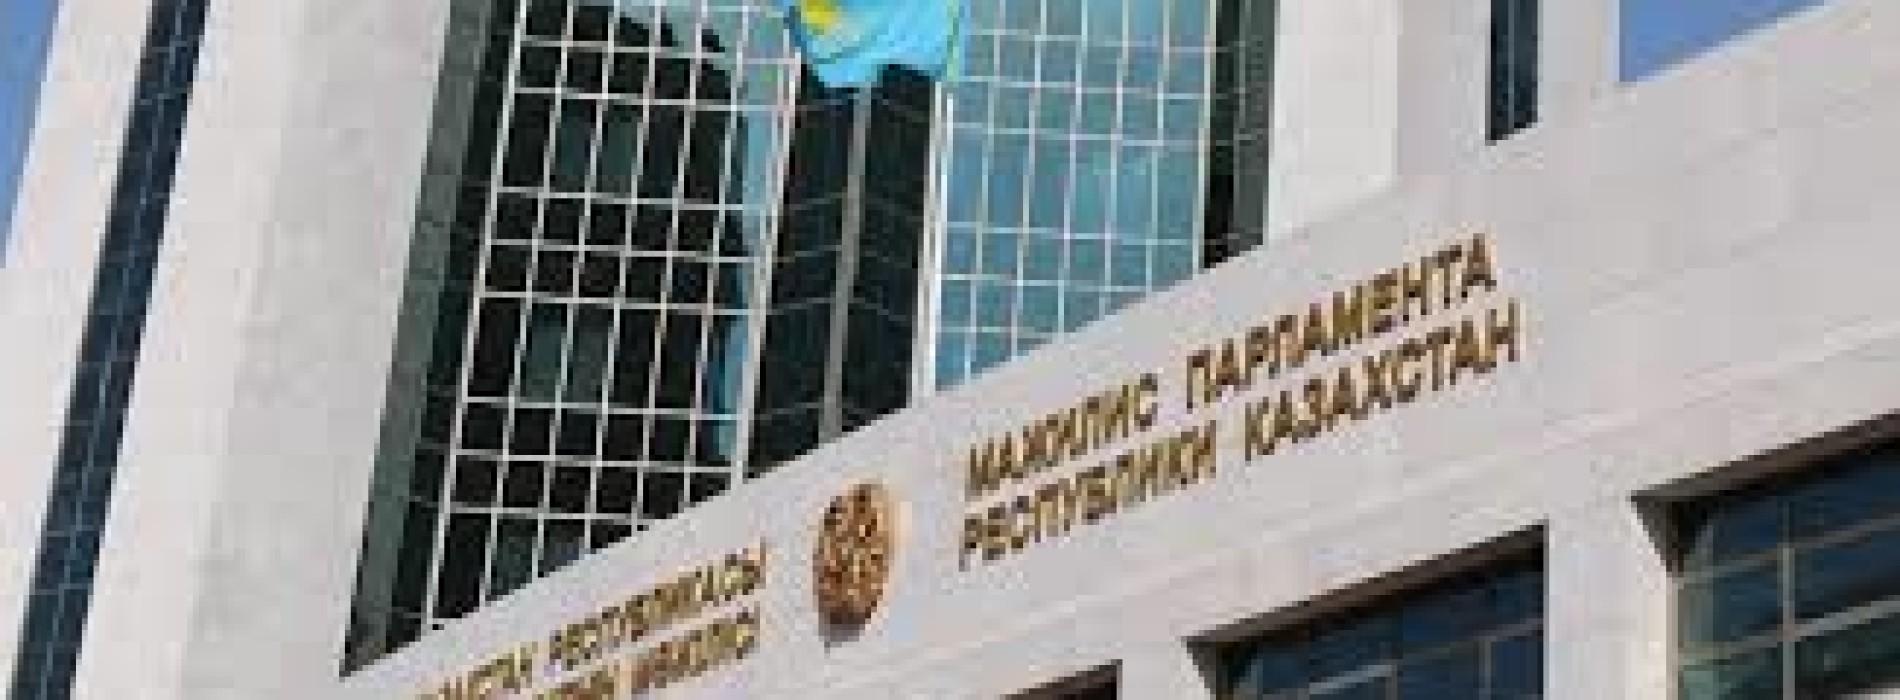 Нурсултан Назарбаев: «В 2016 году ряд законов был принят некачественно»